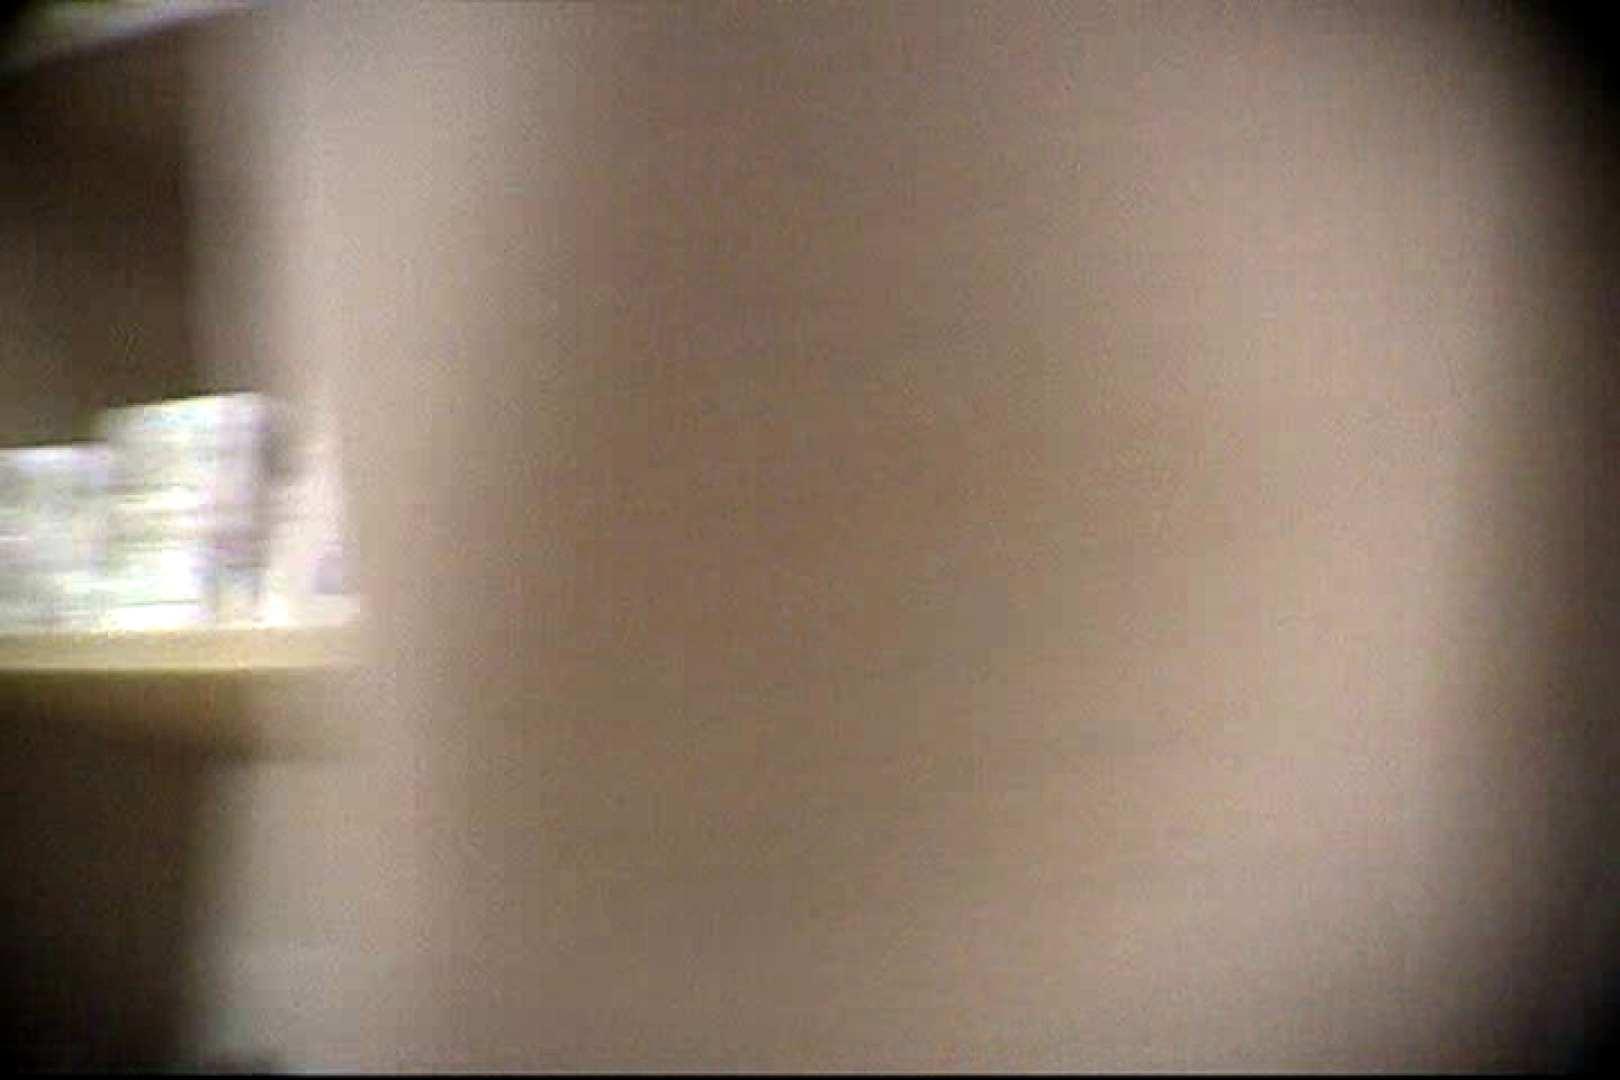 がぶりより!!ムレヌレパンツVol.1 チラ セックス画像 81PIX 32